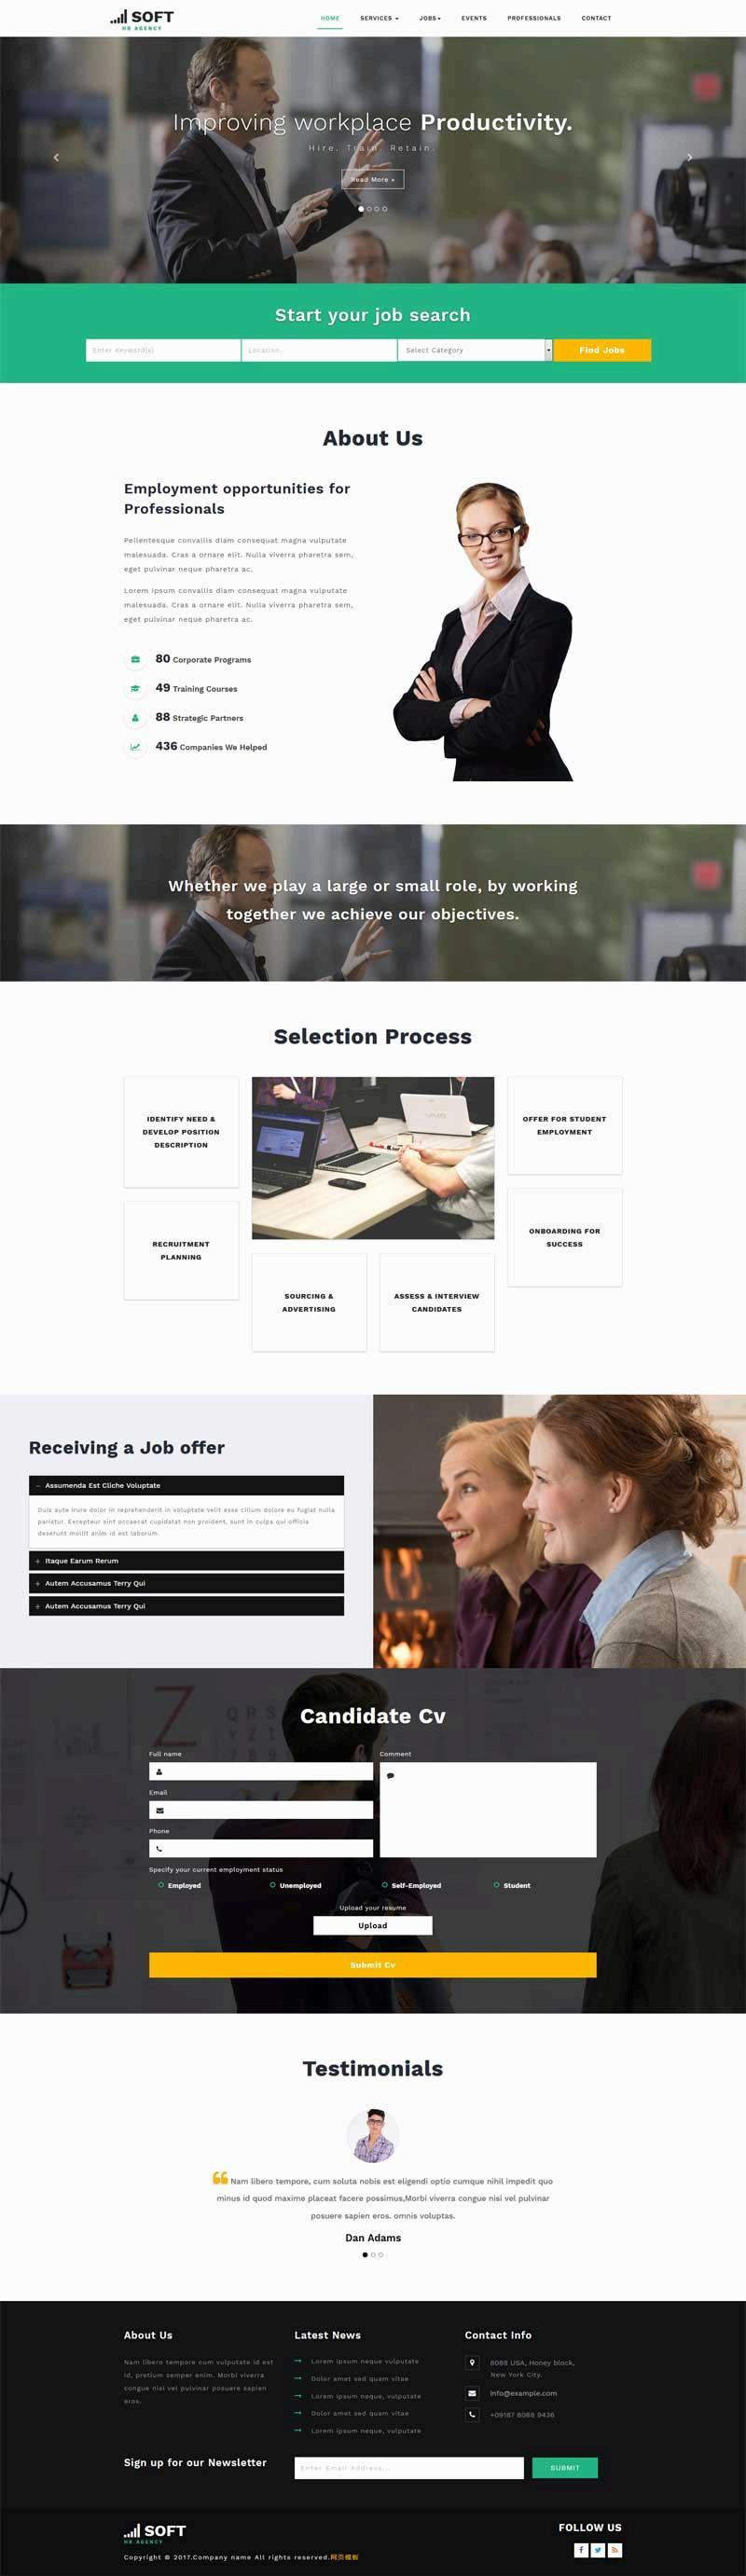 绿色的商务英语课程培训机构网站模板